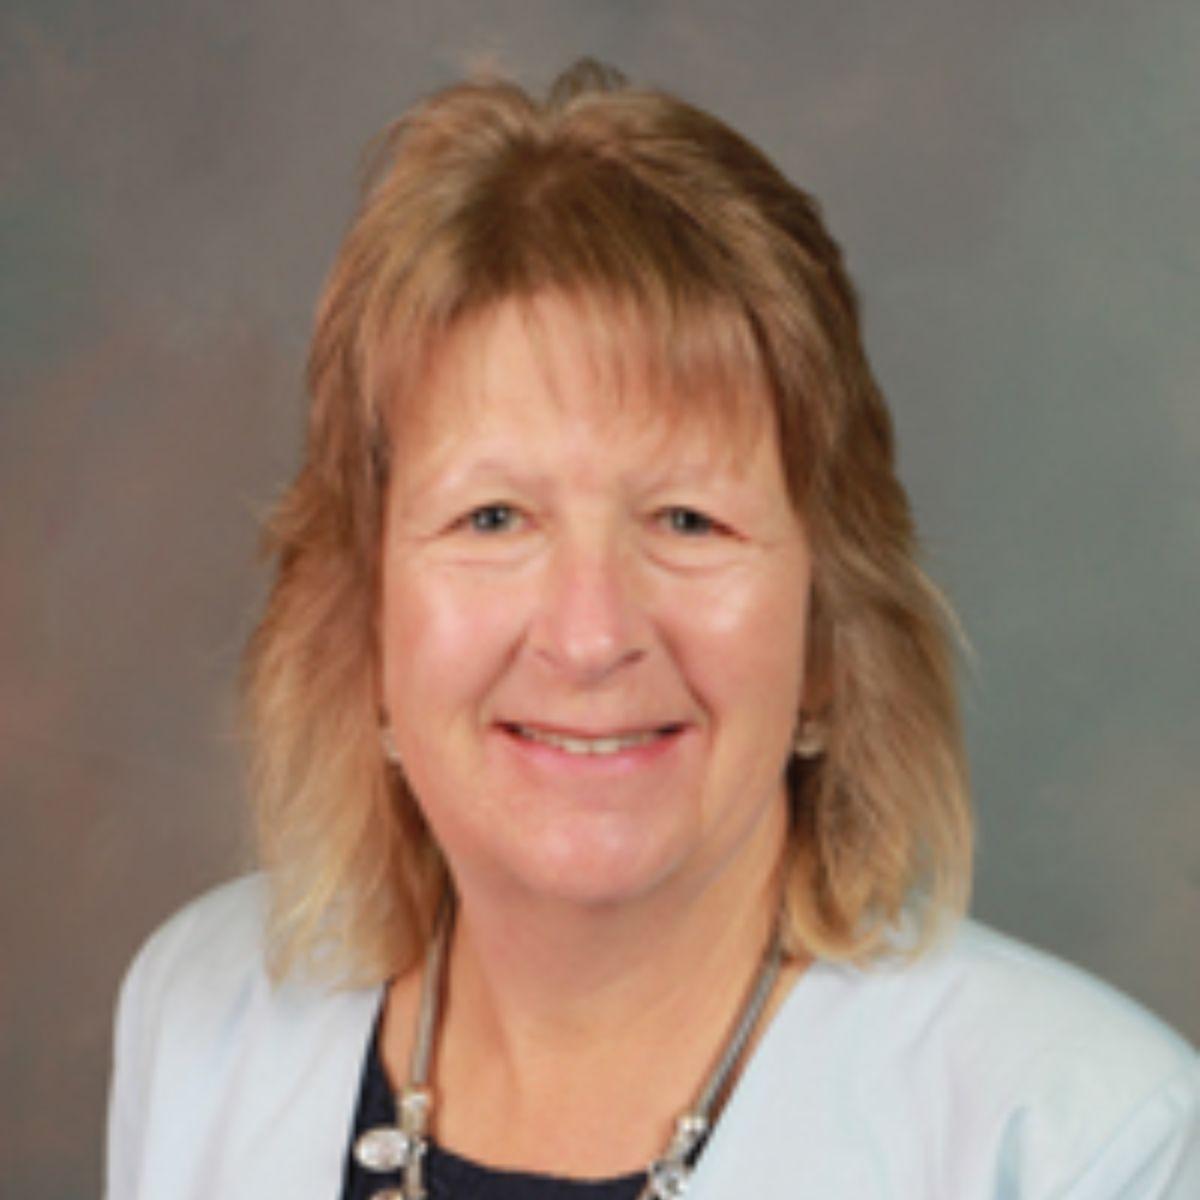 Mrs J. Bykerk